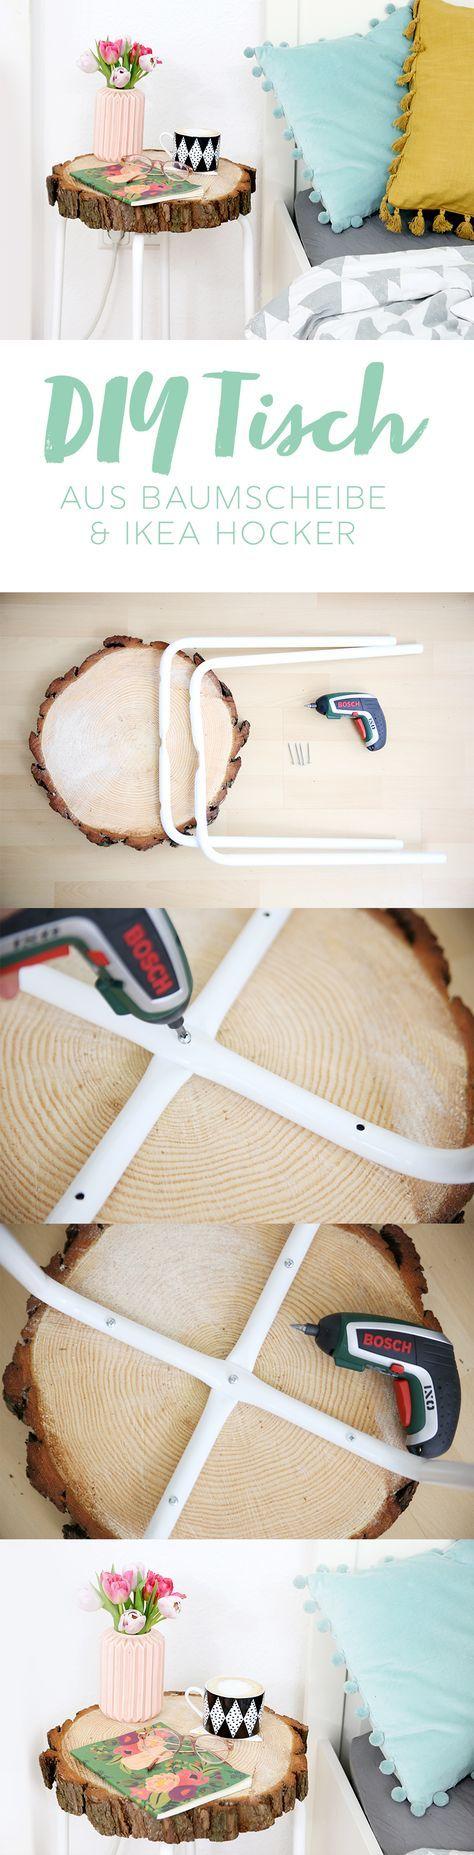 Kreative DIY Idee Mit Ikea Hack: Tisch Aus Holzscheibe Selber Machen Mit  Ikea Hocker Marius